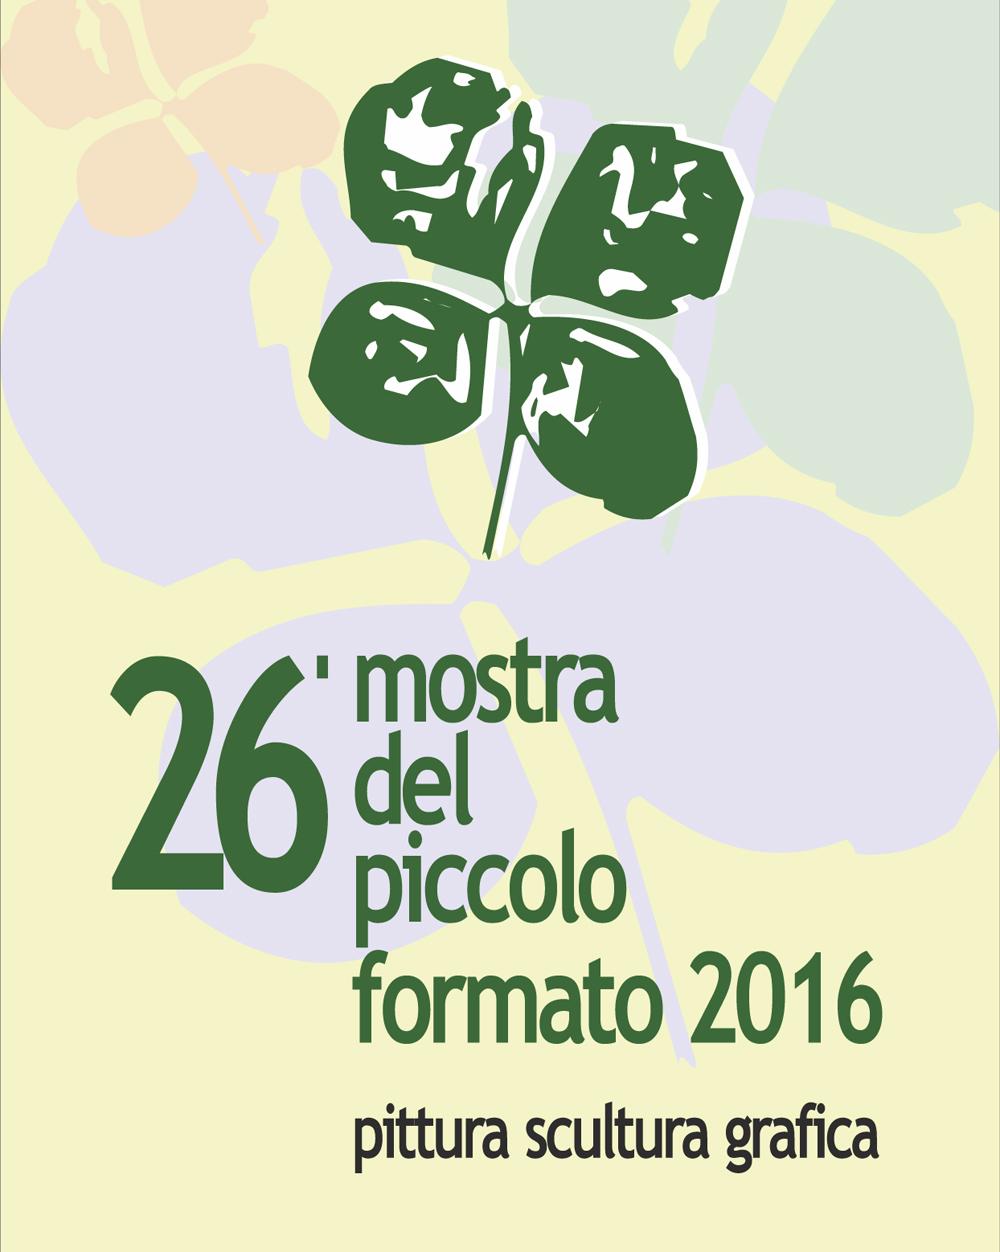 984 Tbb Piccolo Formato 2016 OK.cdr